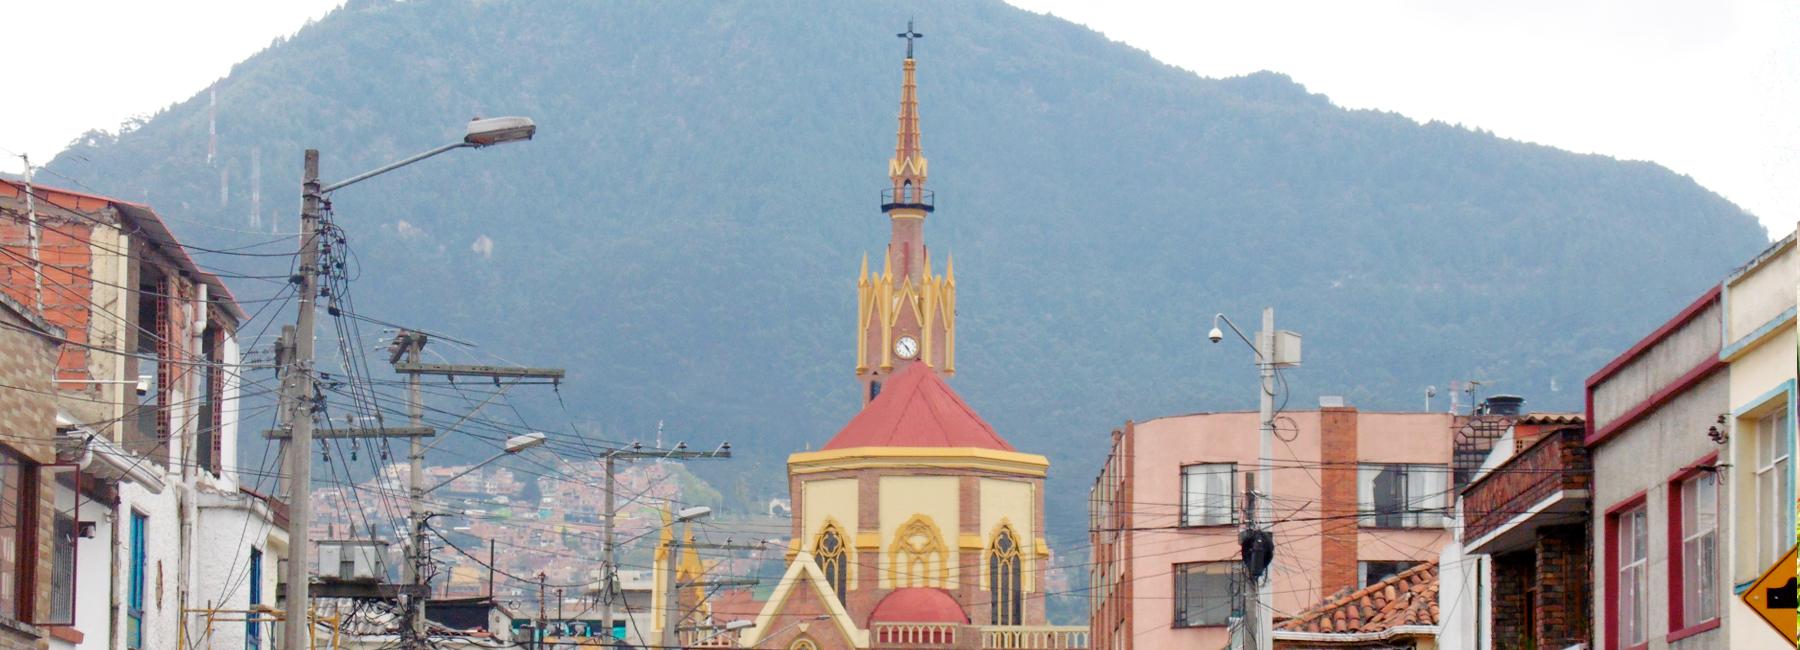 IDPC---PEMP-Teusquillo-barrios--Santa-Teresita-1